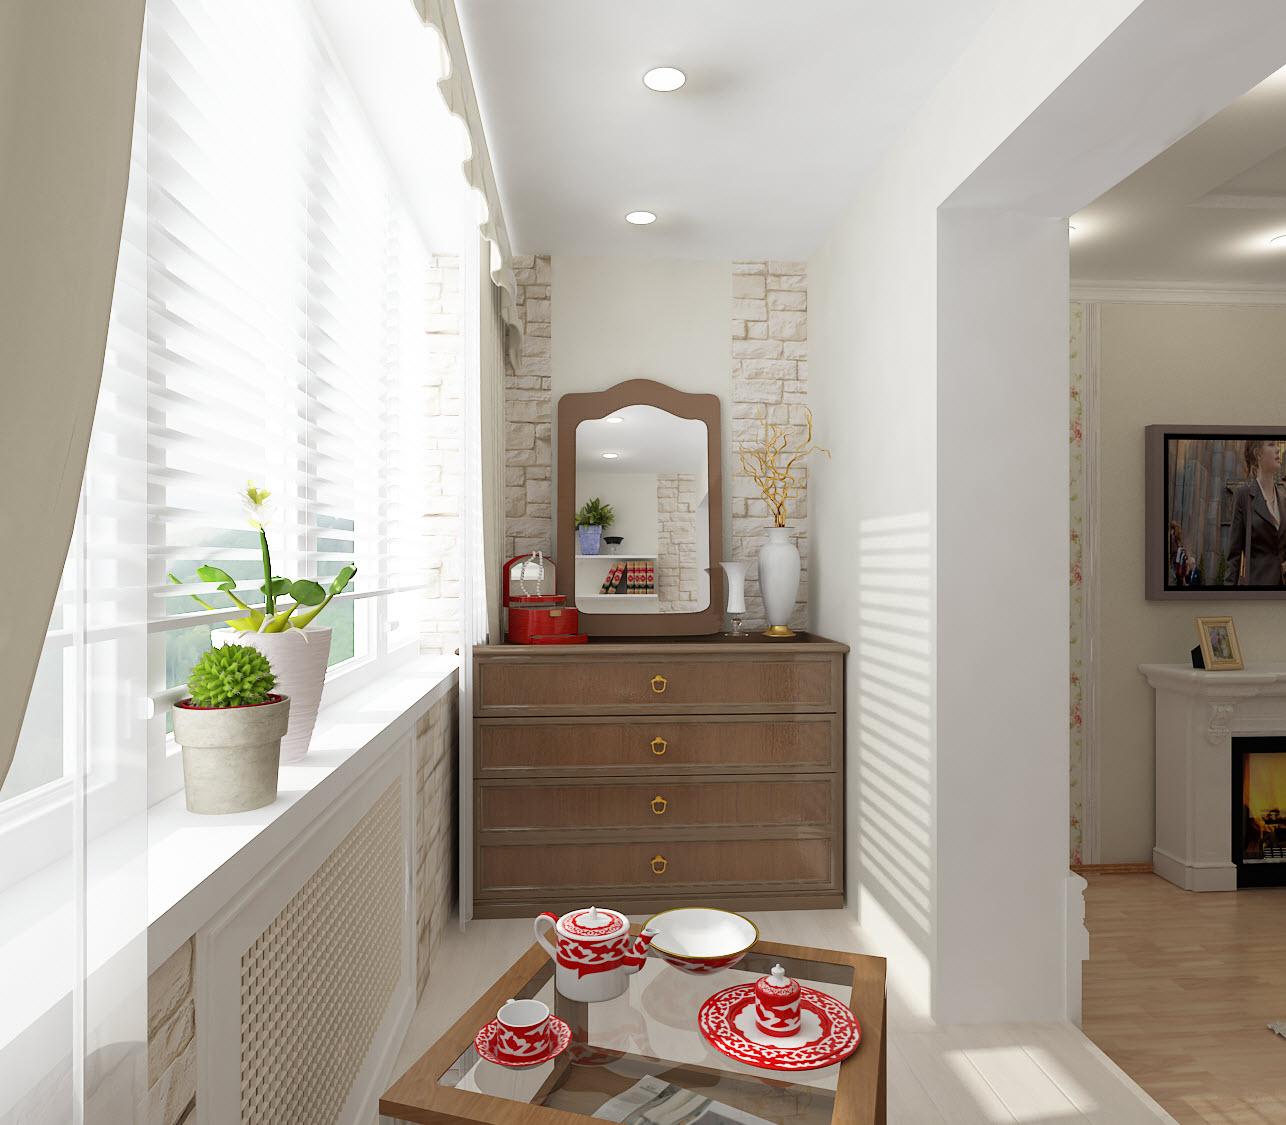 Дизайн маленького балкона Четыре стены - блог о интерьере и .